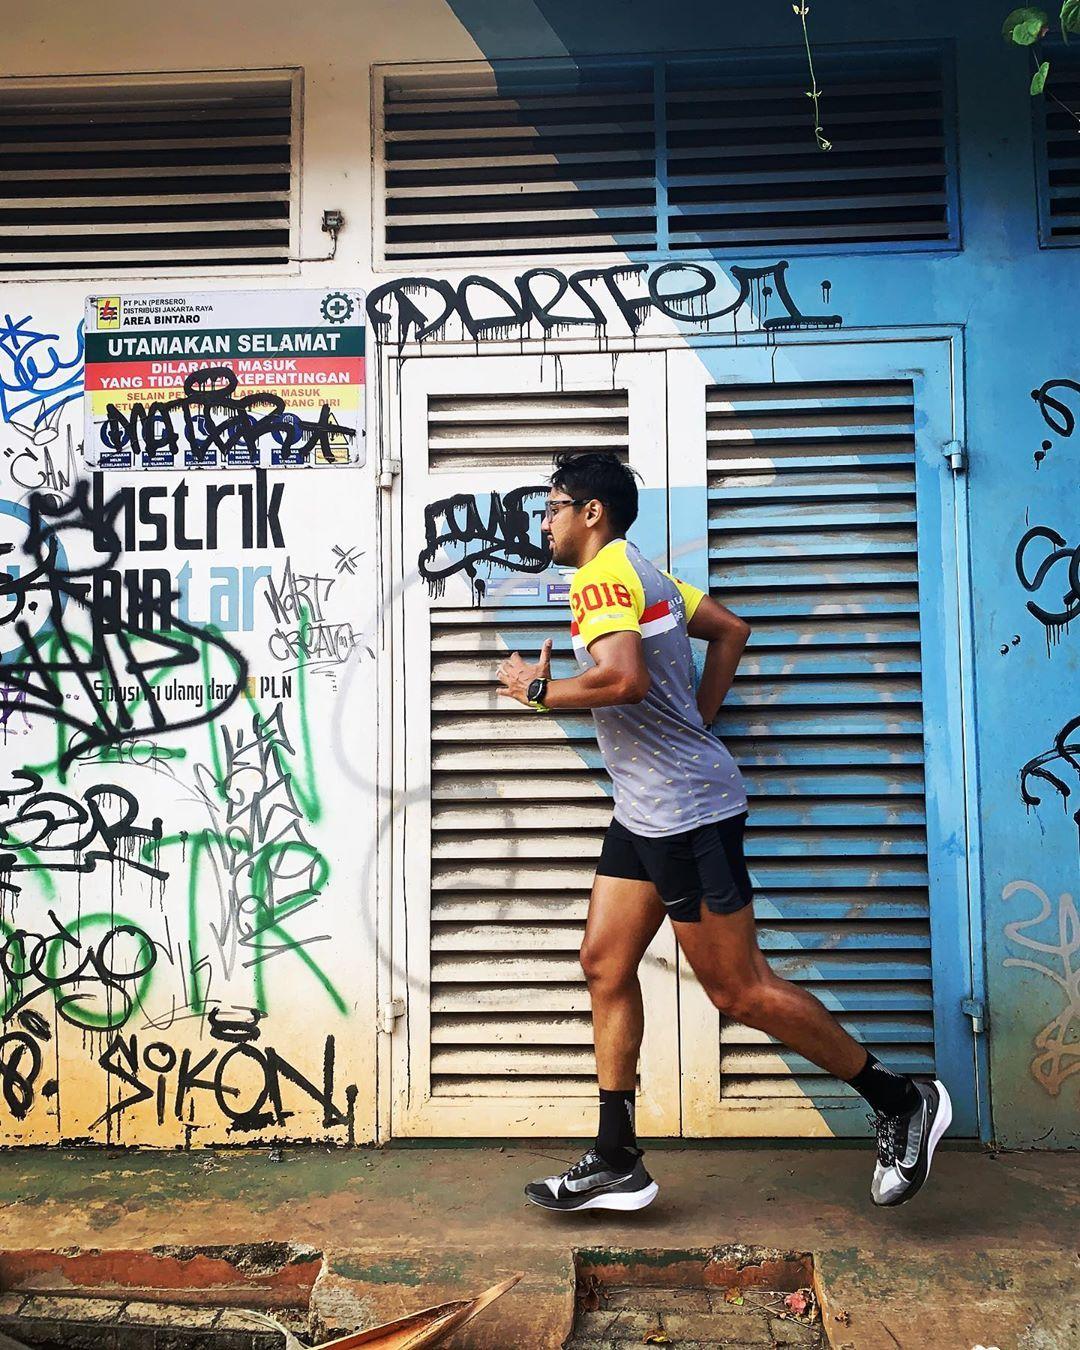 Pelari konten Cari sehat dan cari konten #nike #nikerun #running #runners #instarunners #runtheraphy...